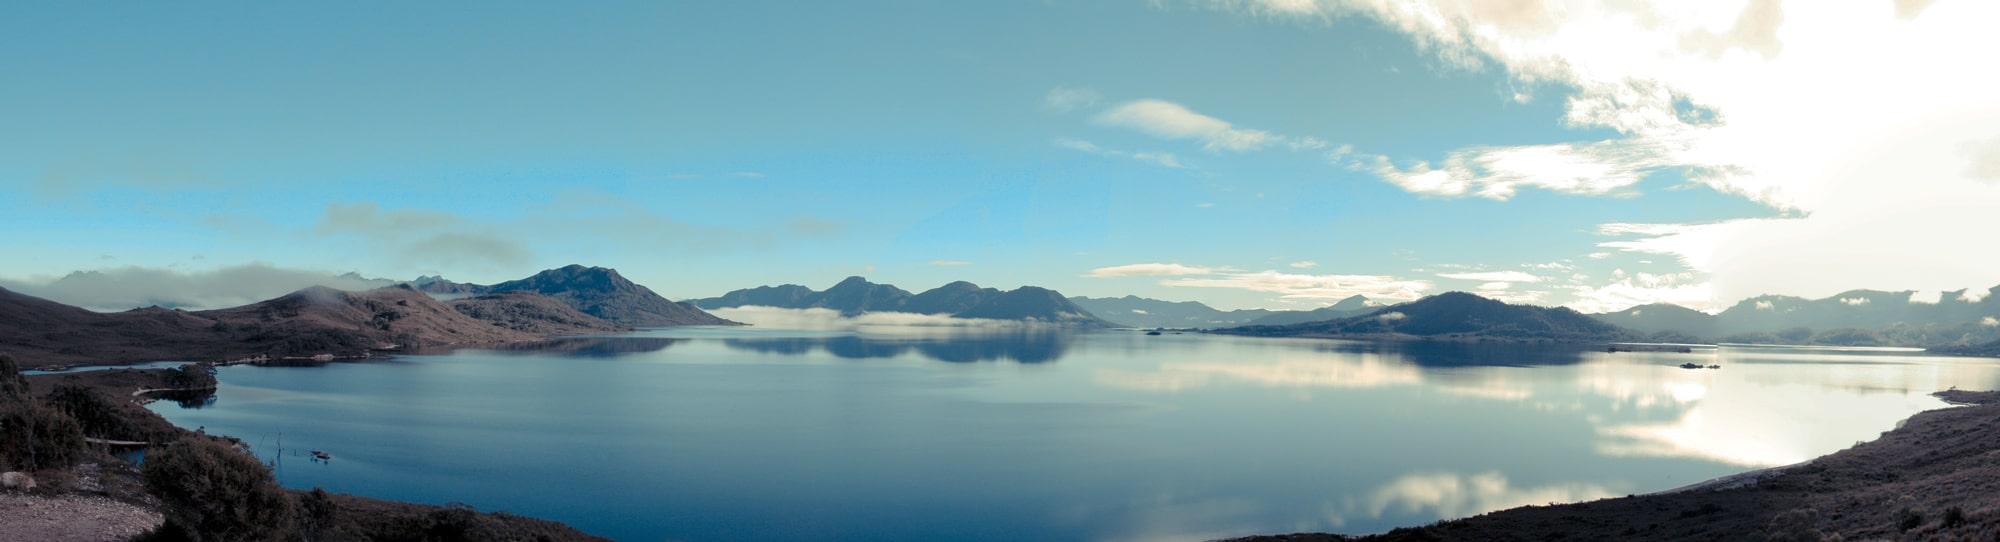 Tasmania_Panorama1